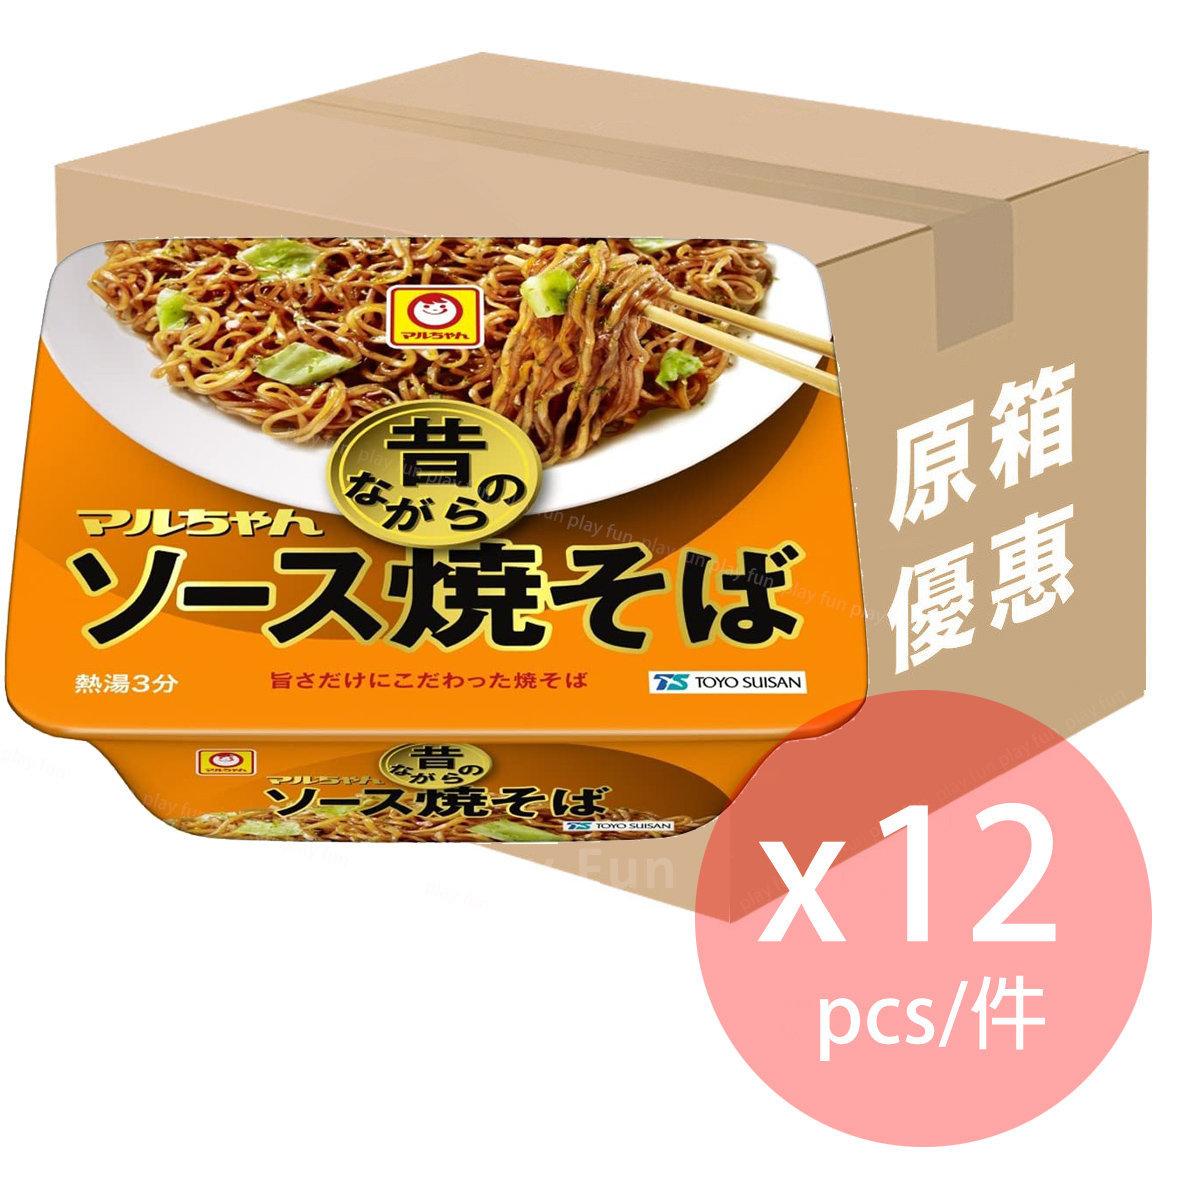 【原箱優惠】昔 日式炒麵 (配醬油蛋黃醬味) x 12盒  (4901990338509_12)